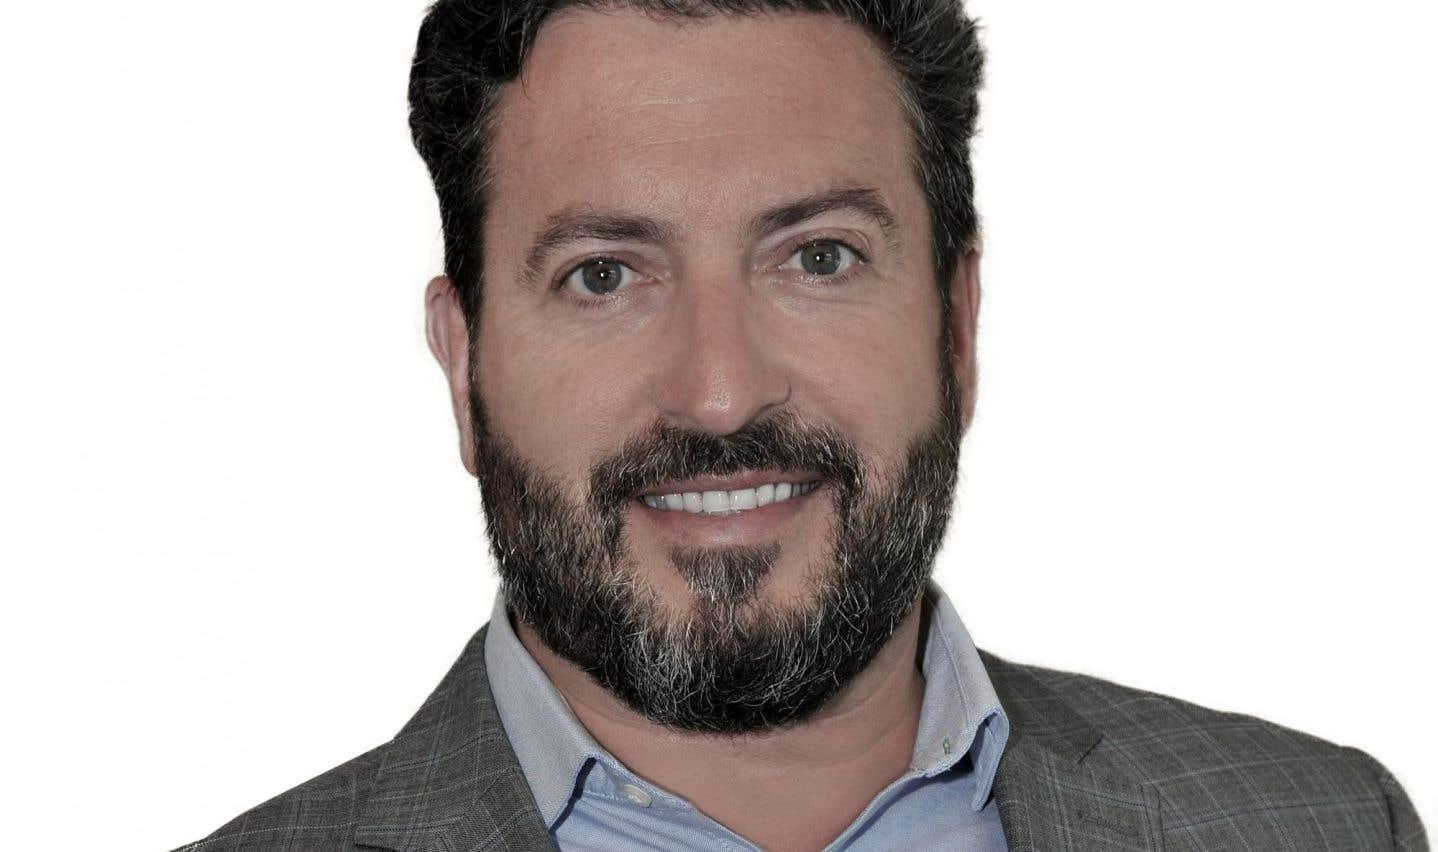 Le préfet de la MRC Rivière-du-Nord et maire de Saint-Hippolyte, M.Bruno Laroche, sera candidat pour la CAQ dans la circonscription de Saint-Jérôme.